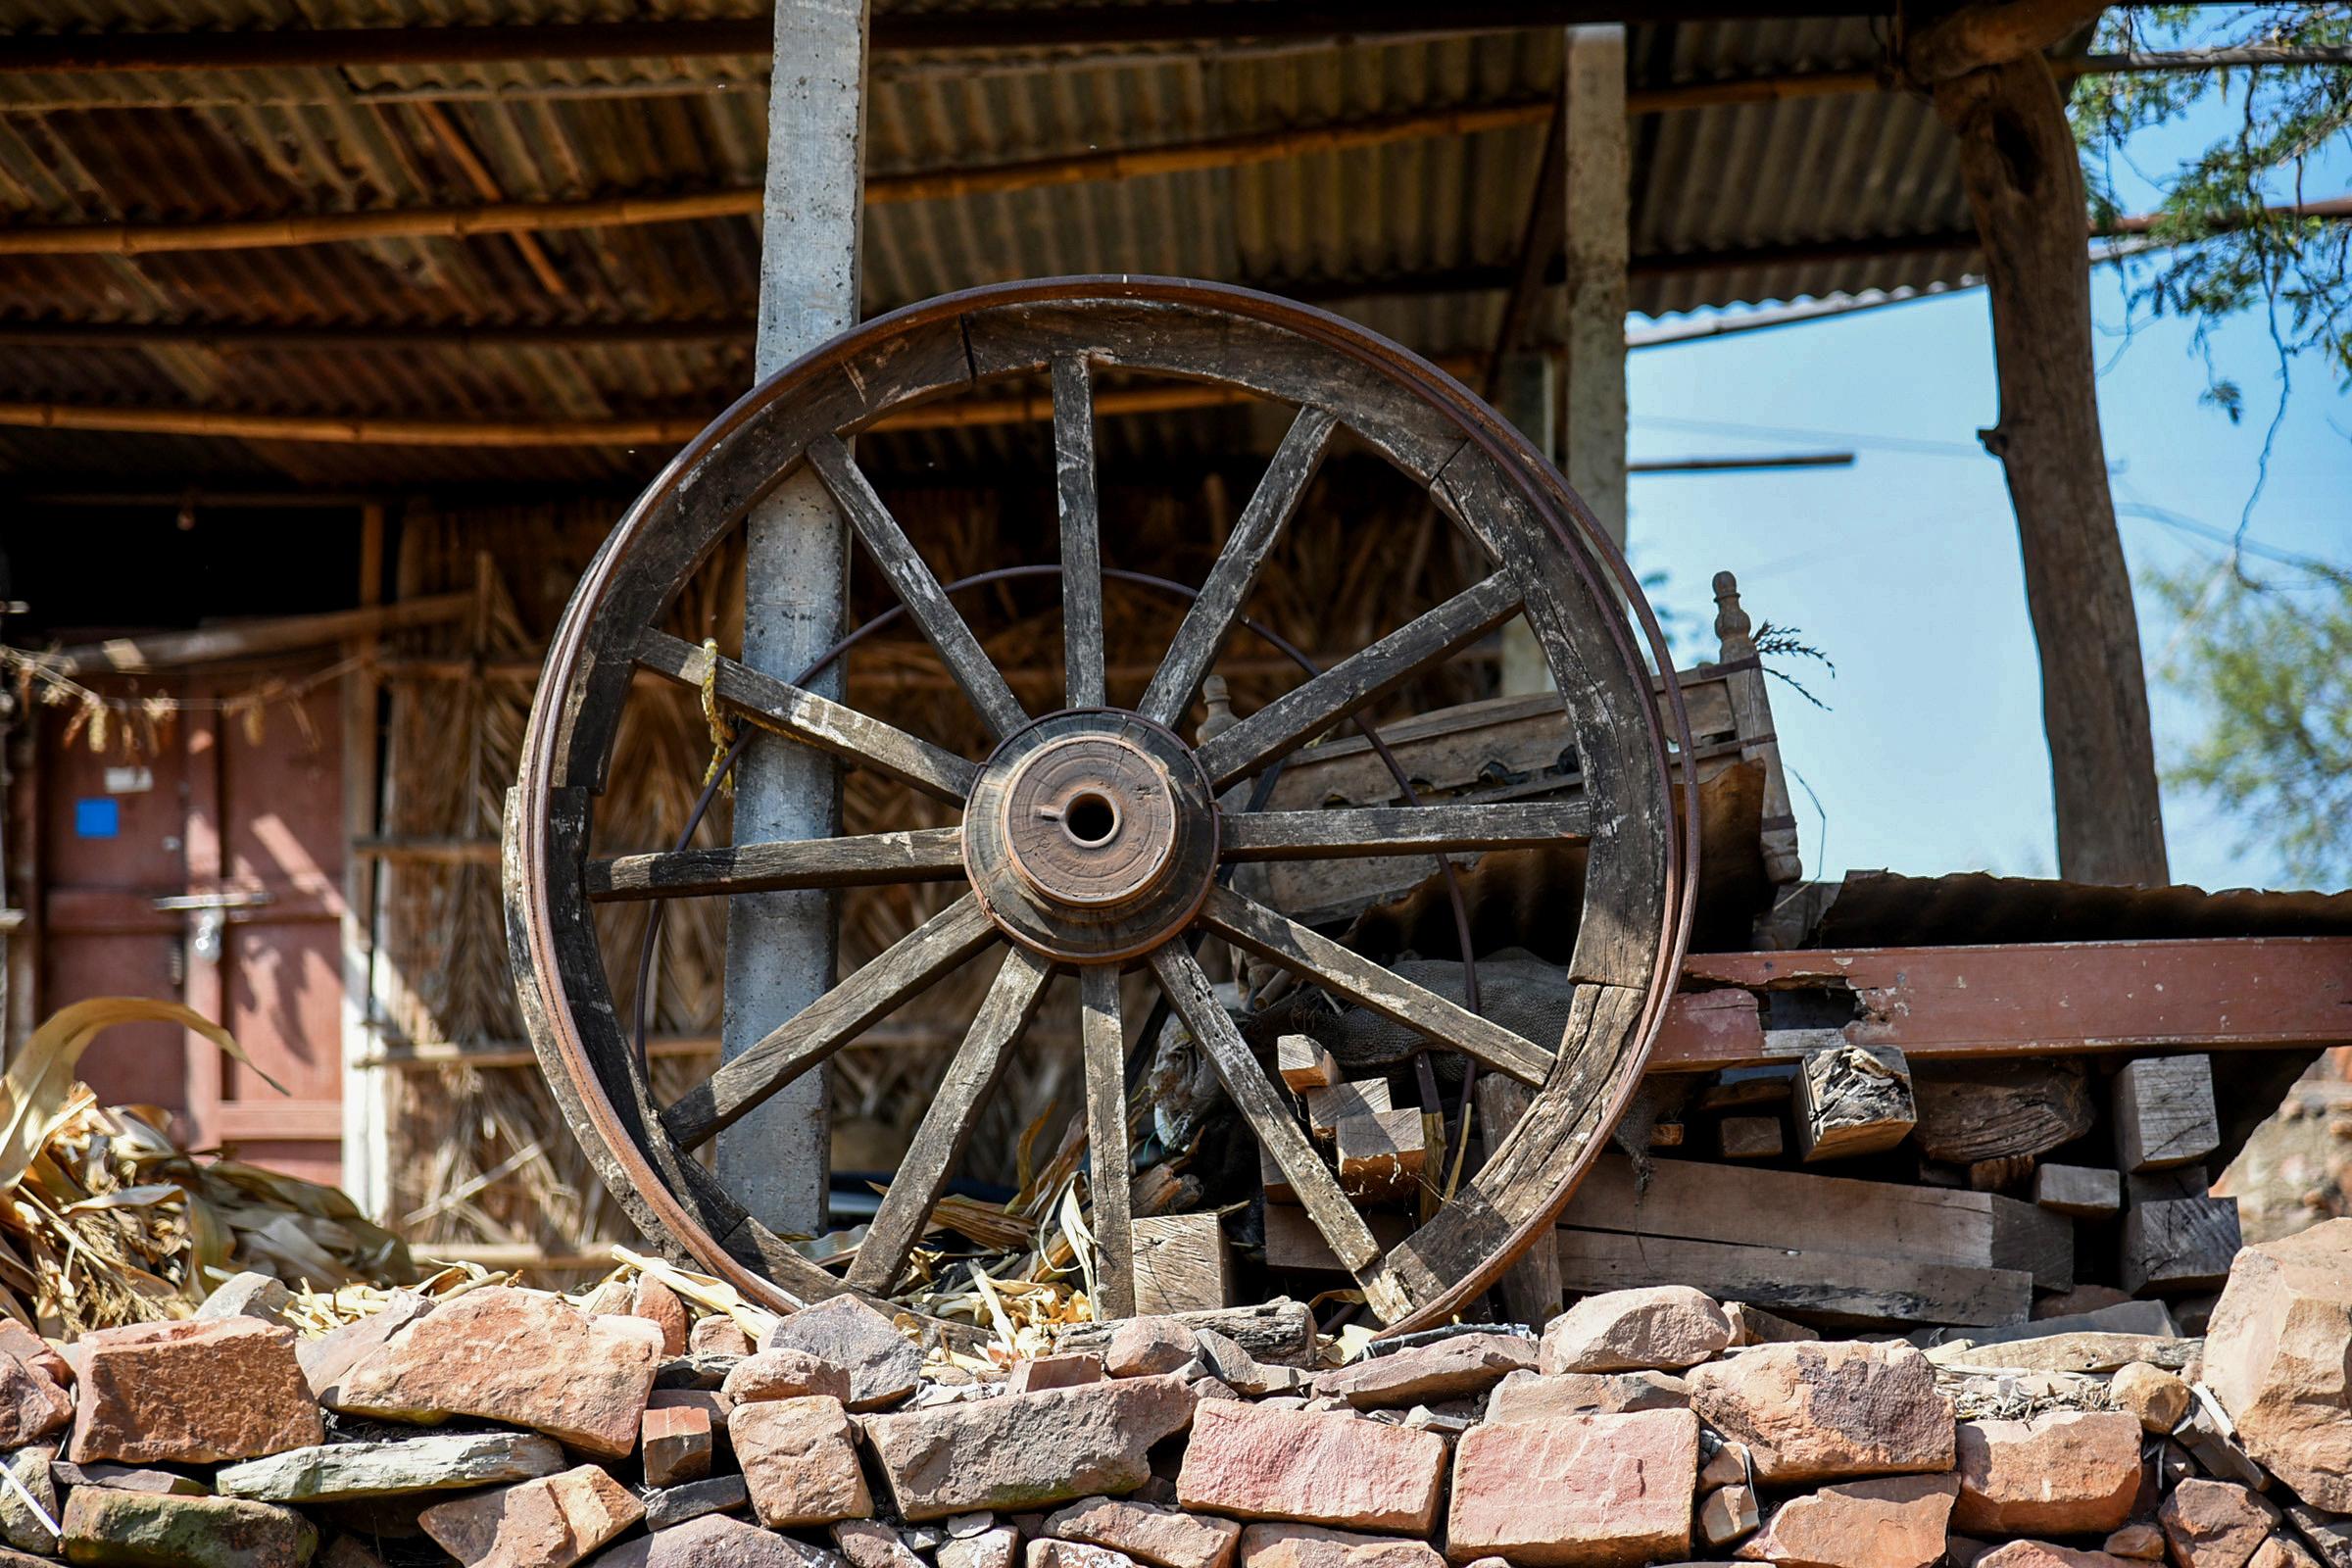 A cart wheel